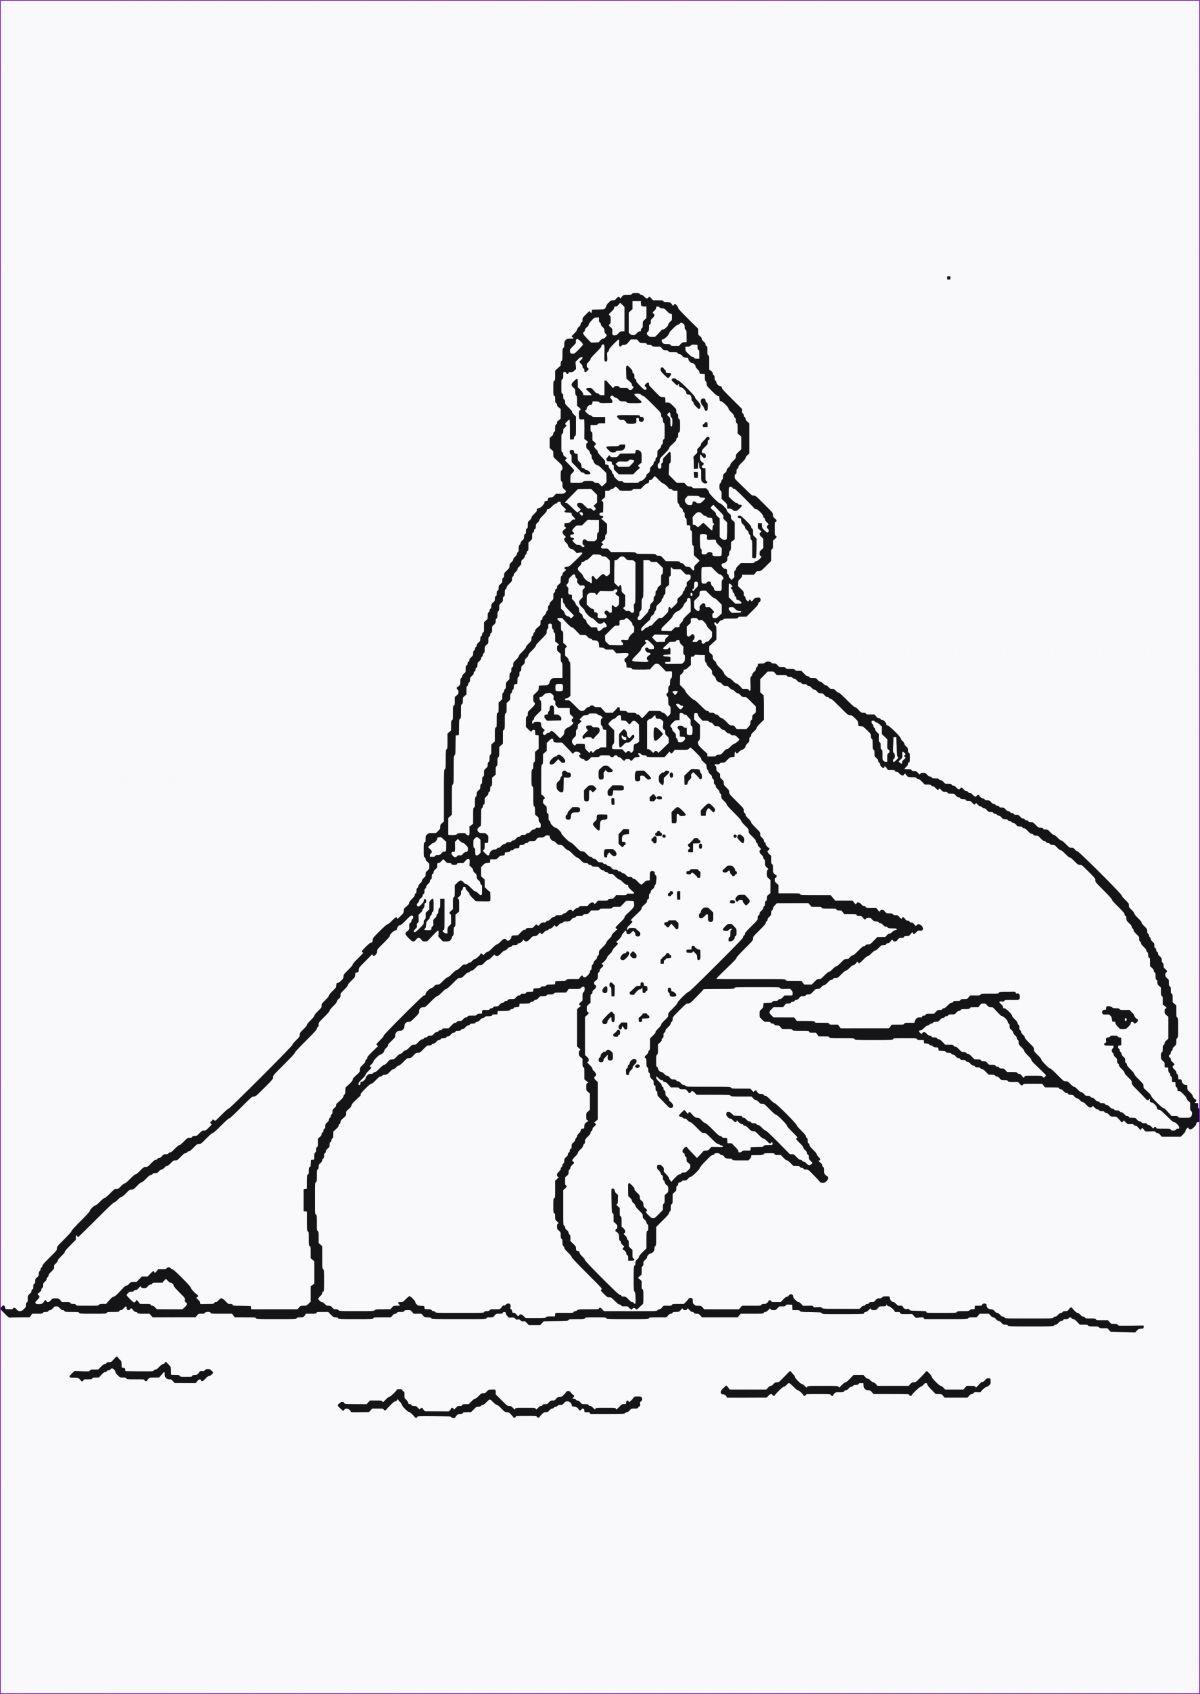 Ausmalbilder Delphine Zum Ausdrucken Das Beste Von Ausmalbilder Tier Luxury Delfin Bilder Zum Ausdrucken Schön 43 Galerie